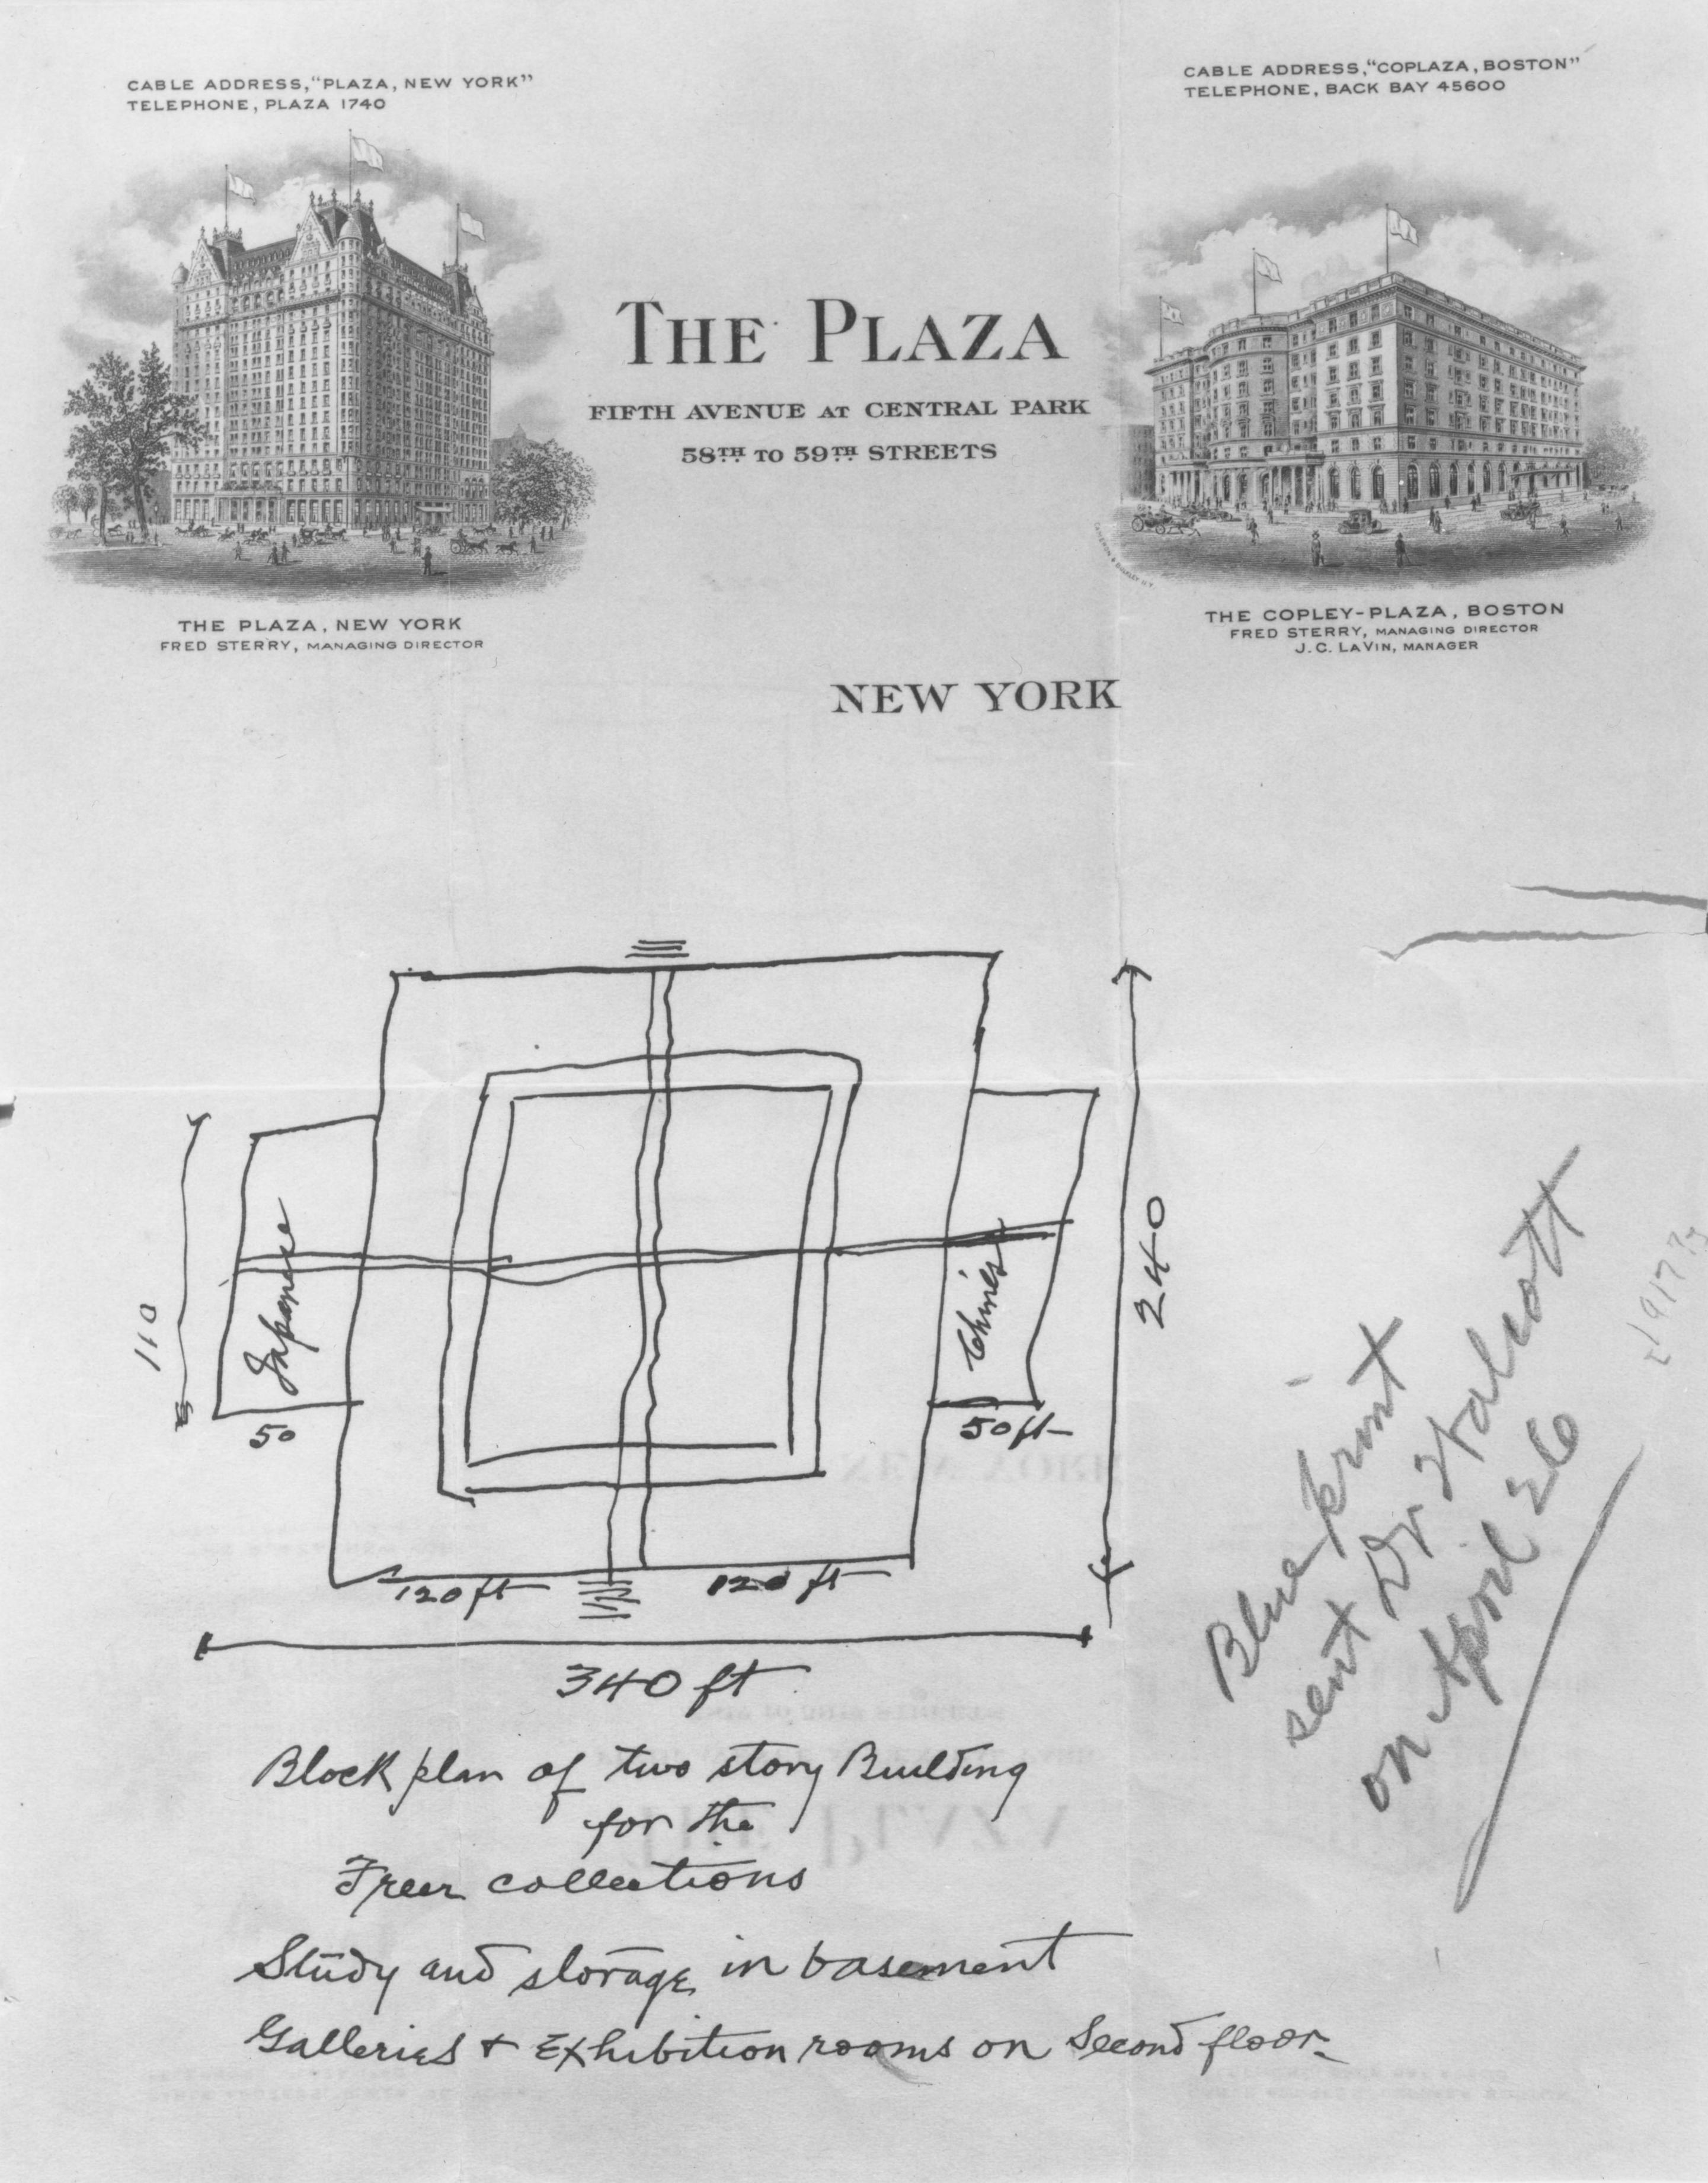 Freer's sketch